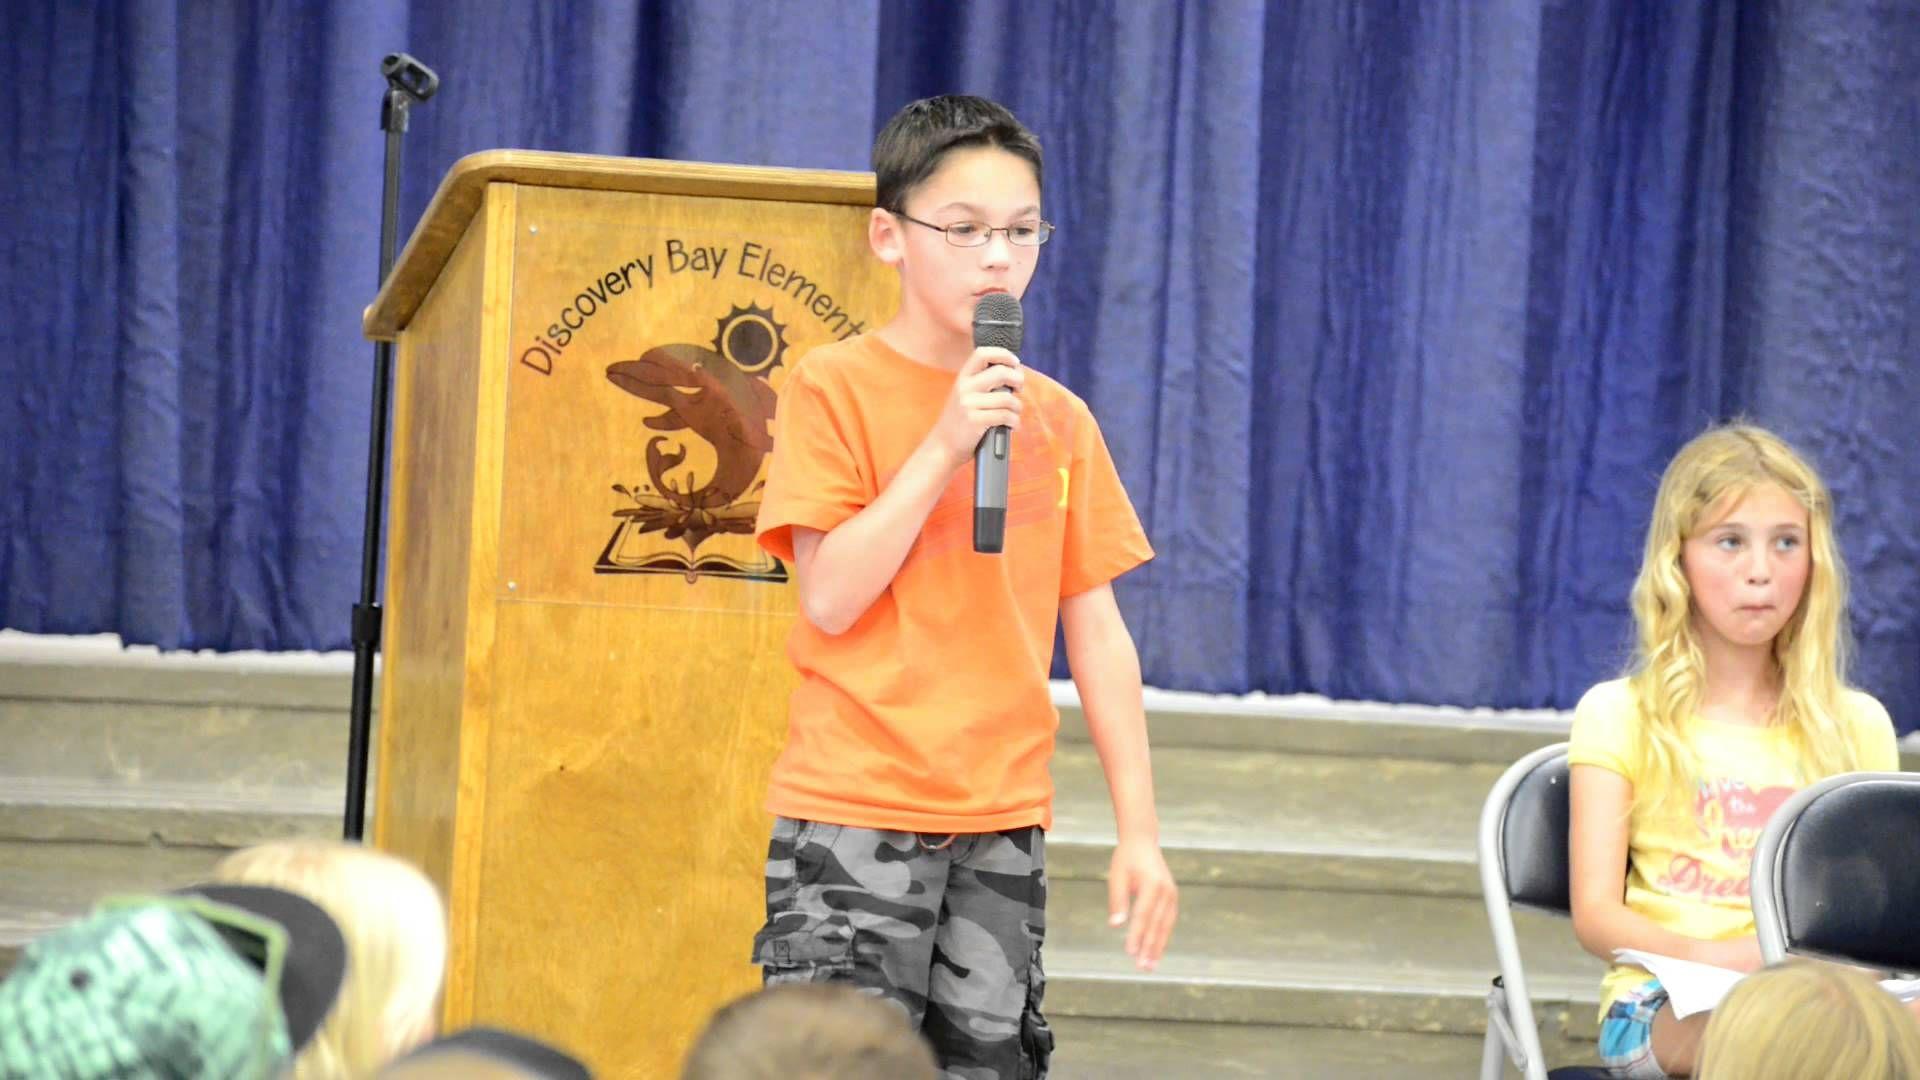 Best 3rd Grade Speech Ever